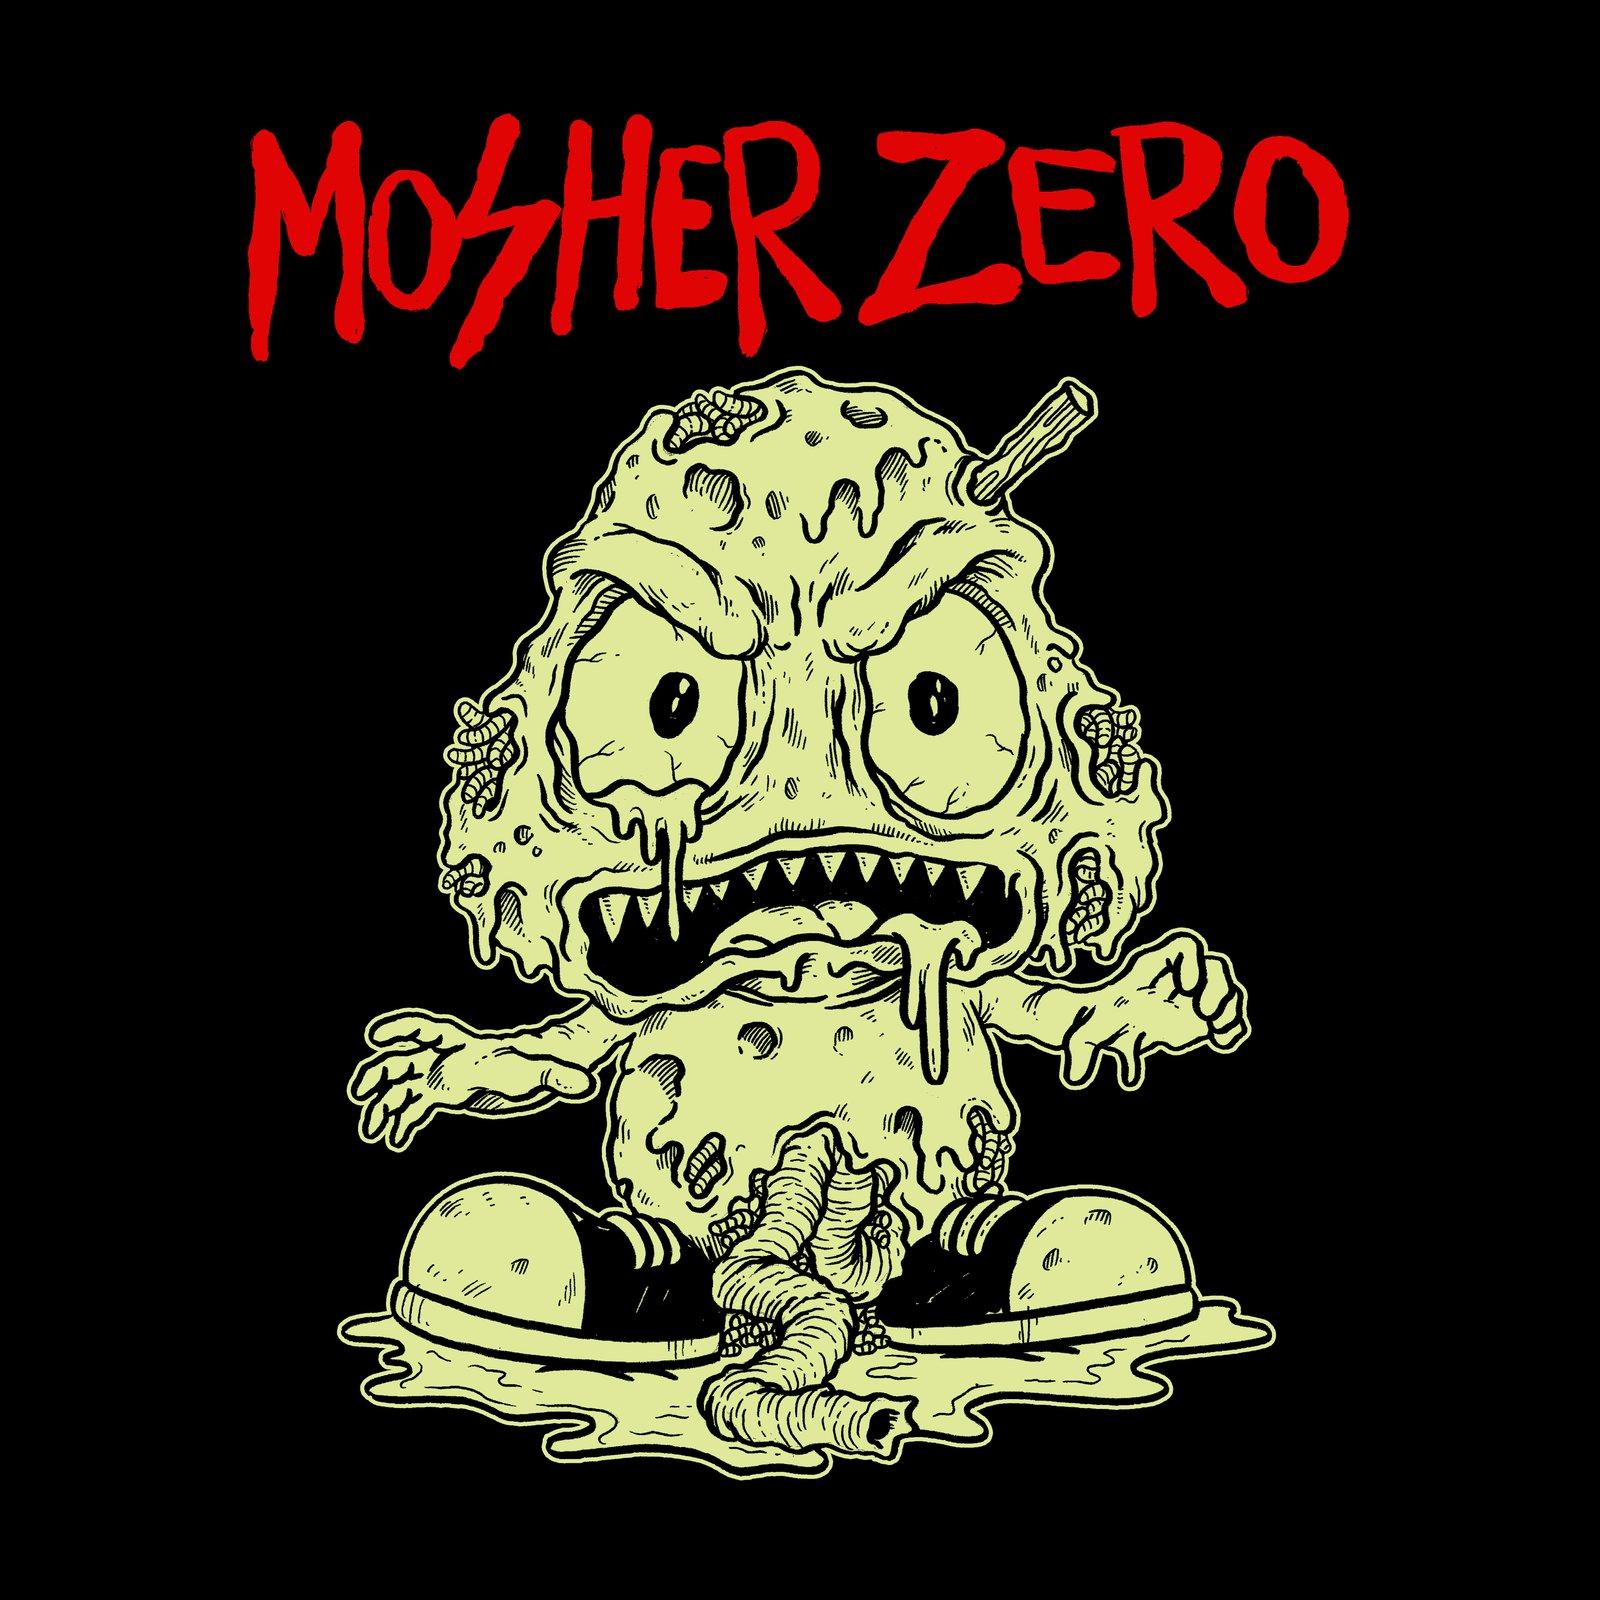 Mosher Zero